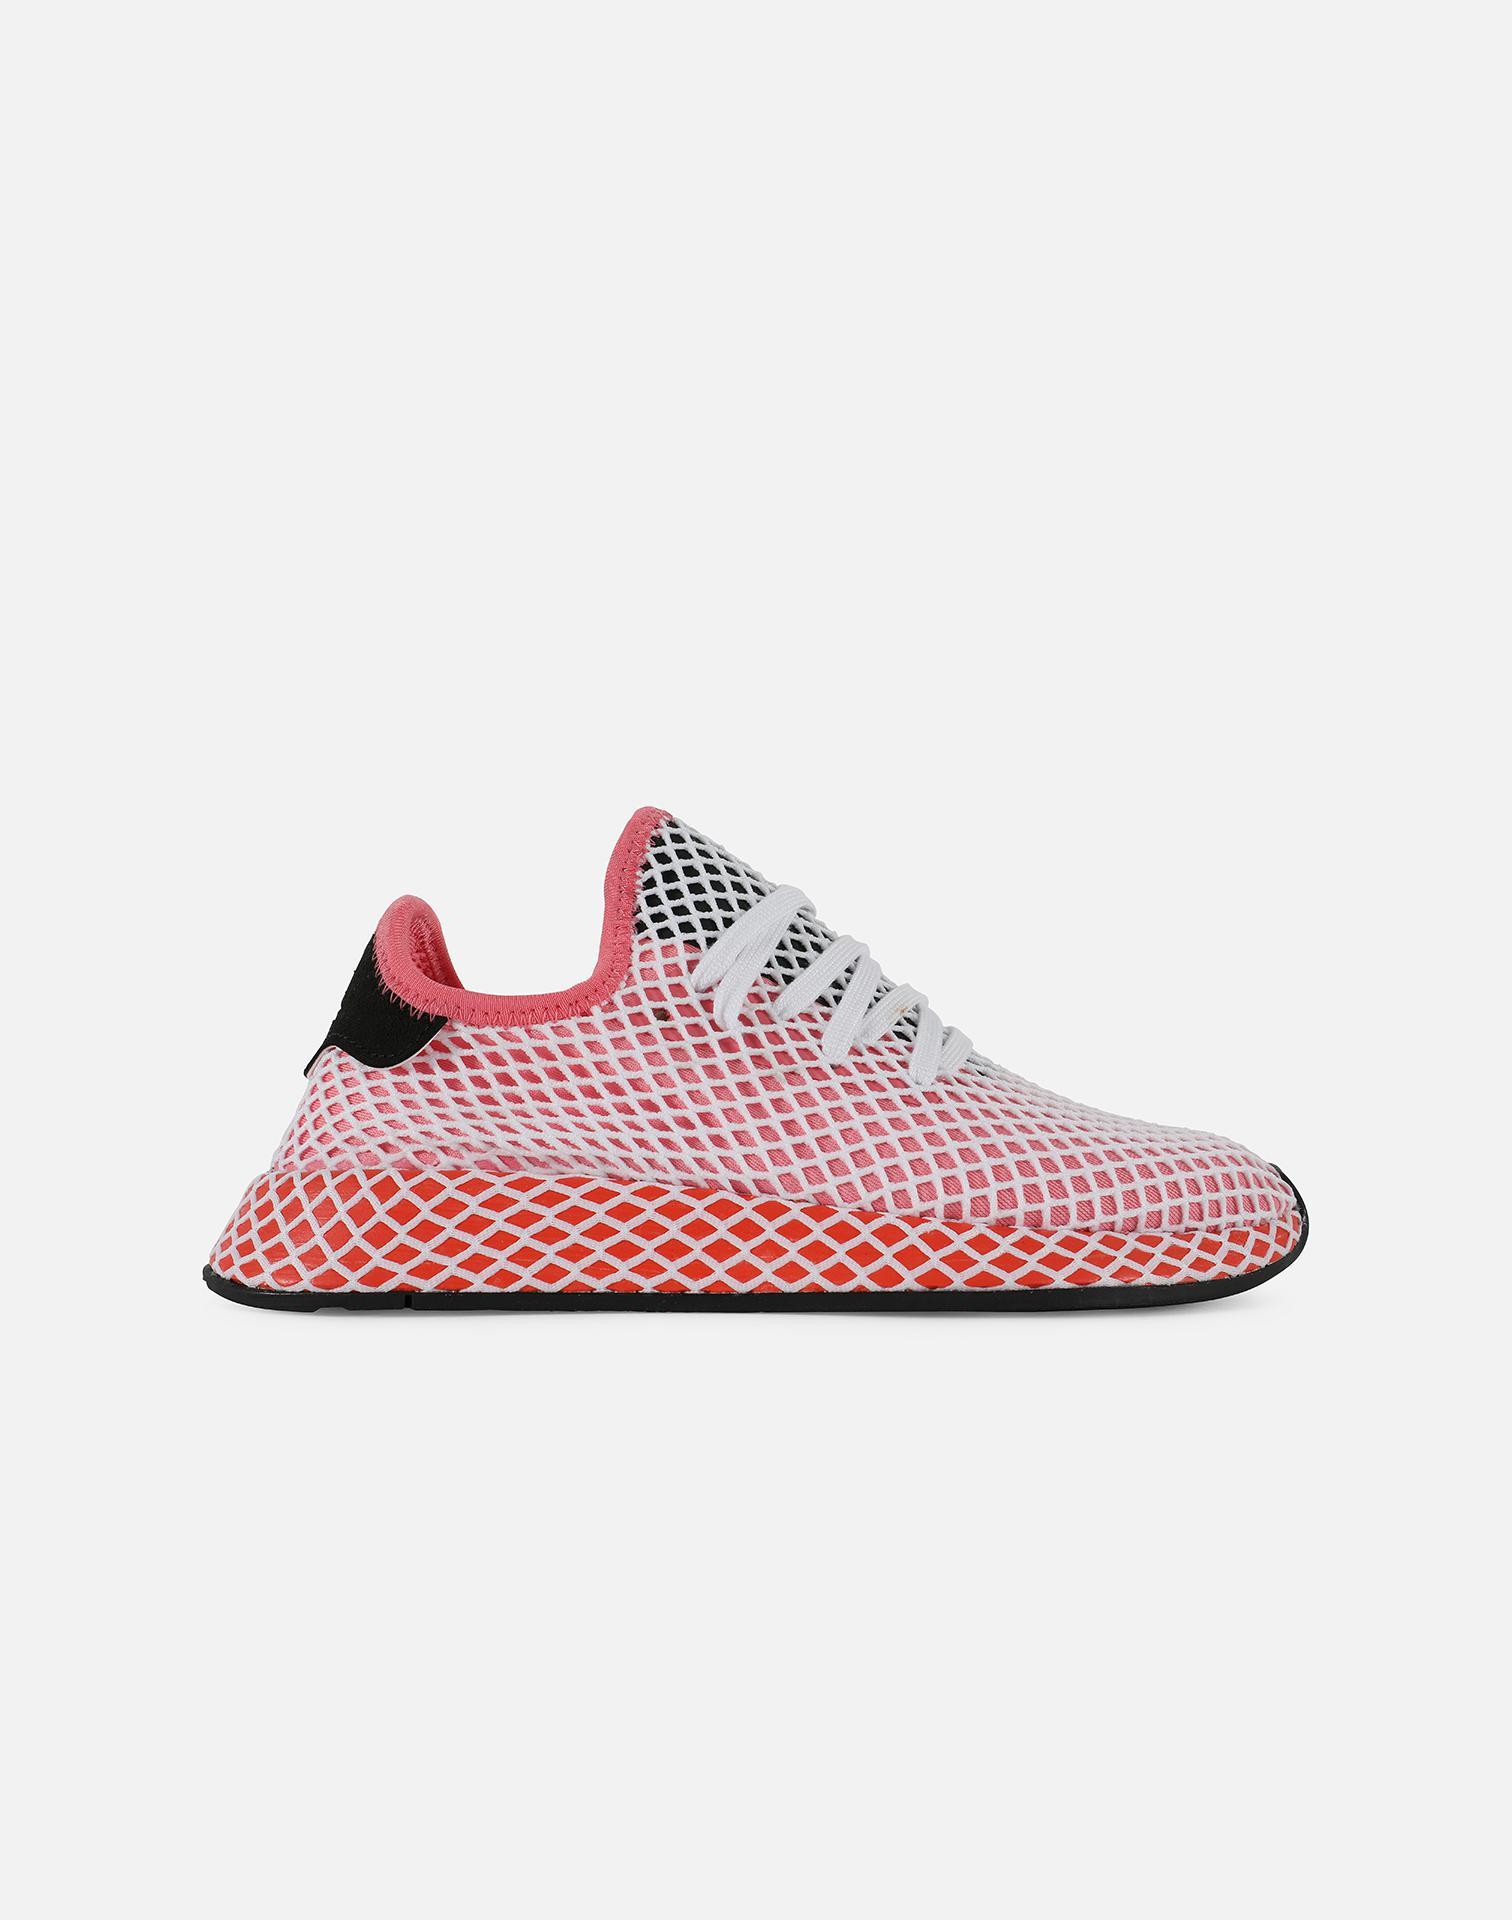 Deerupt Pride knitted sneakers adidas 6BTL0w9NE